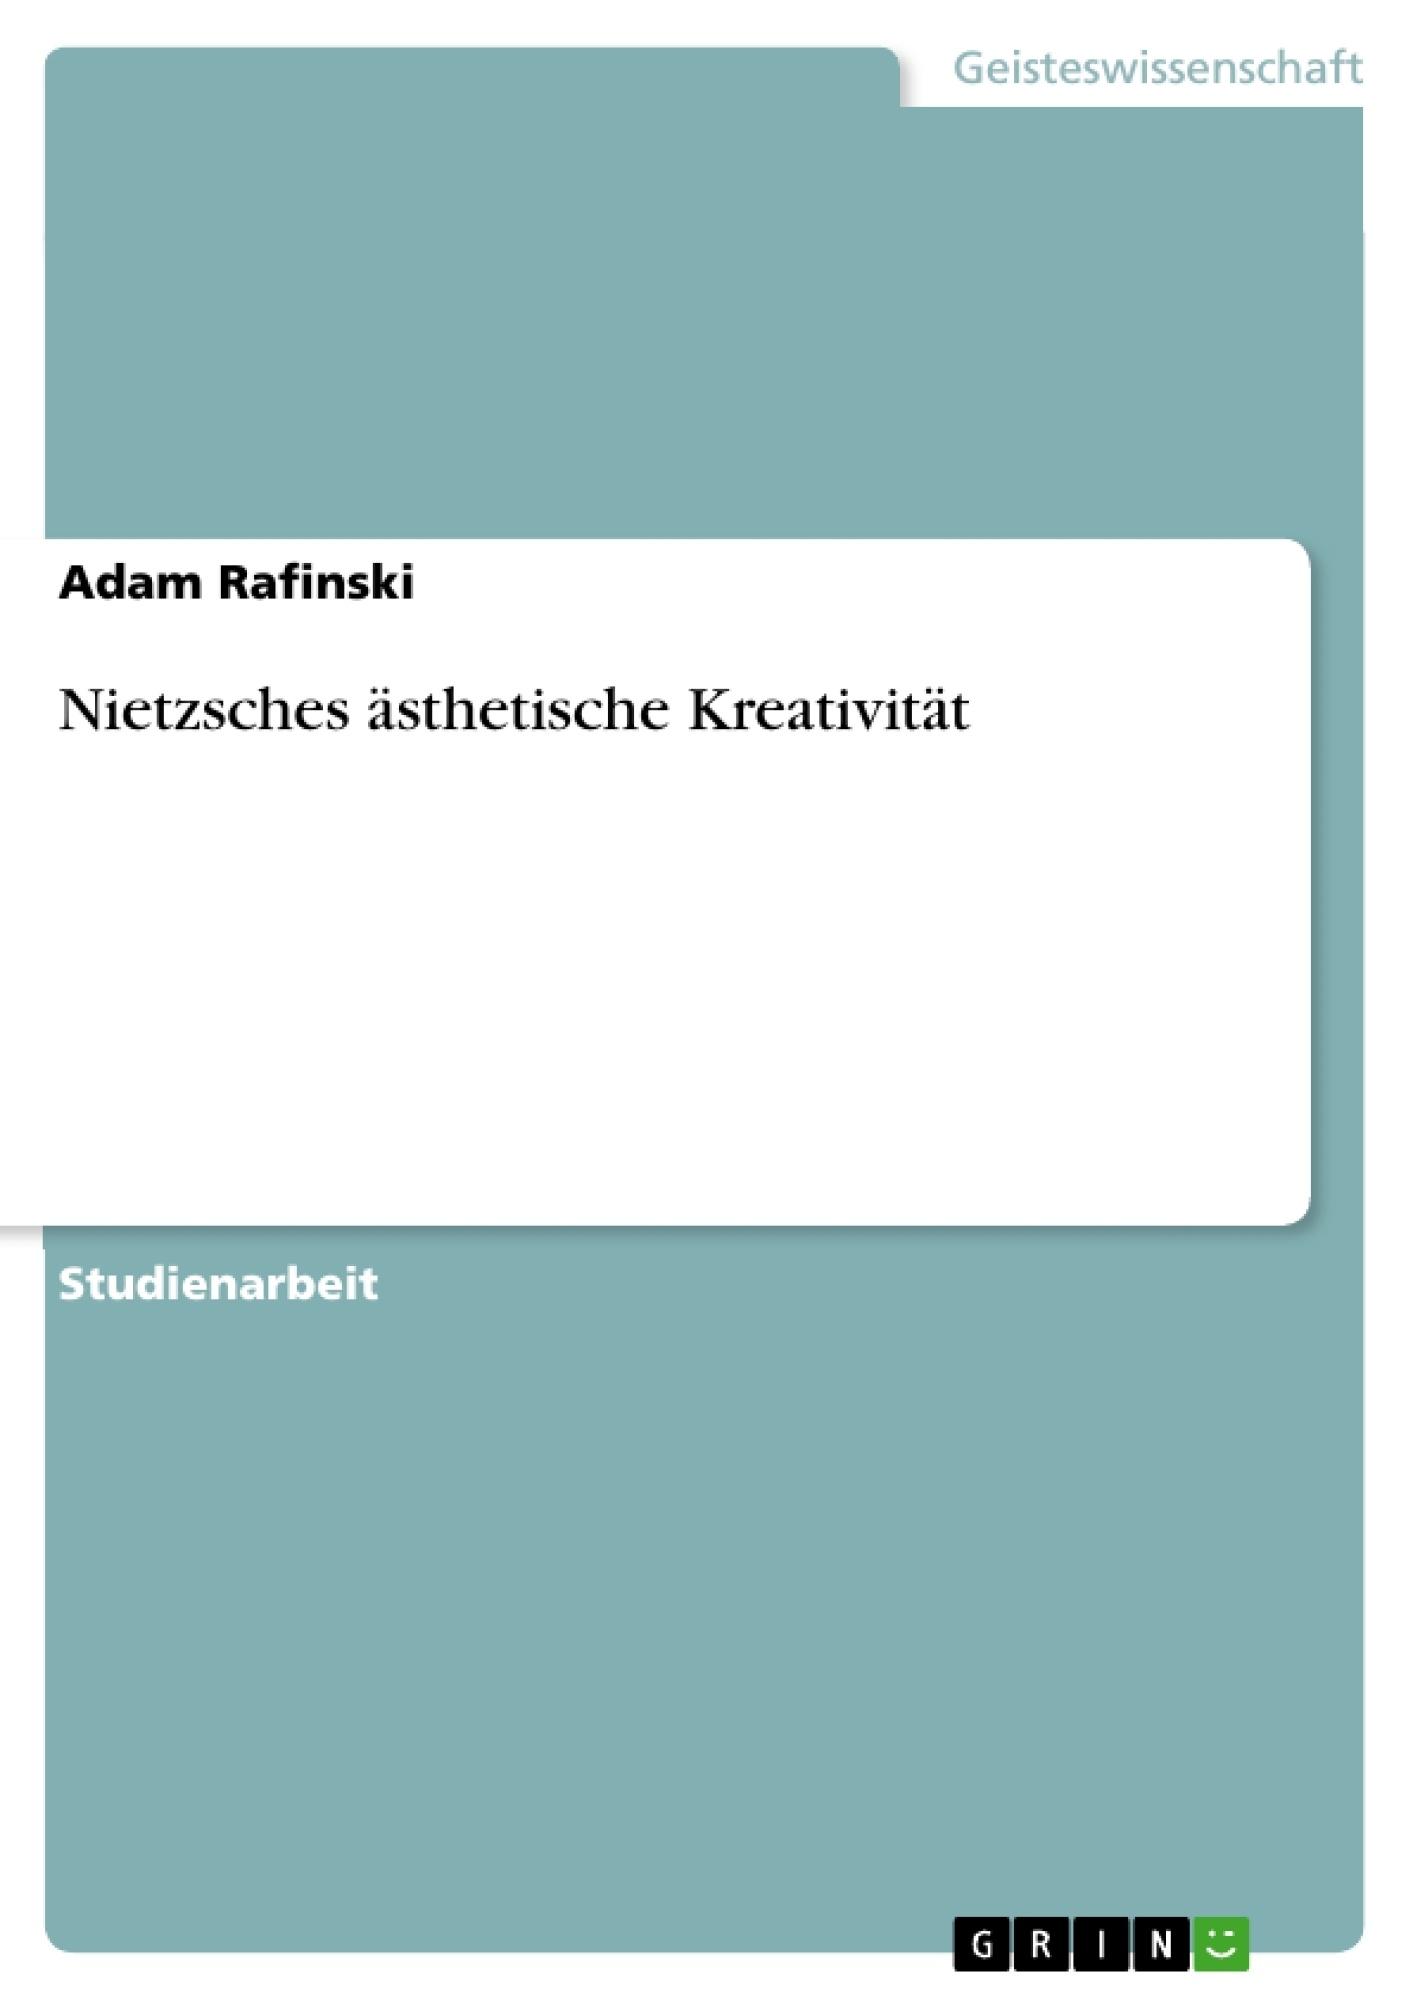 Titel: Nietzsches ästhetische Kreativität